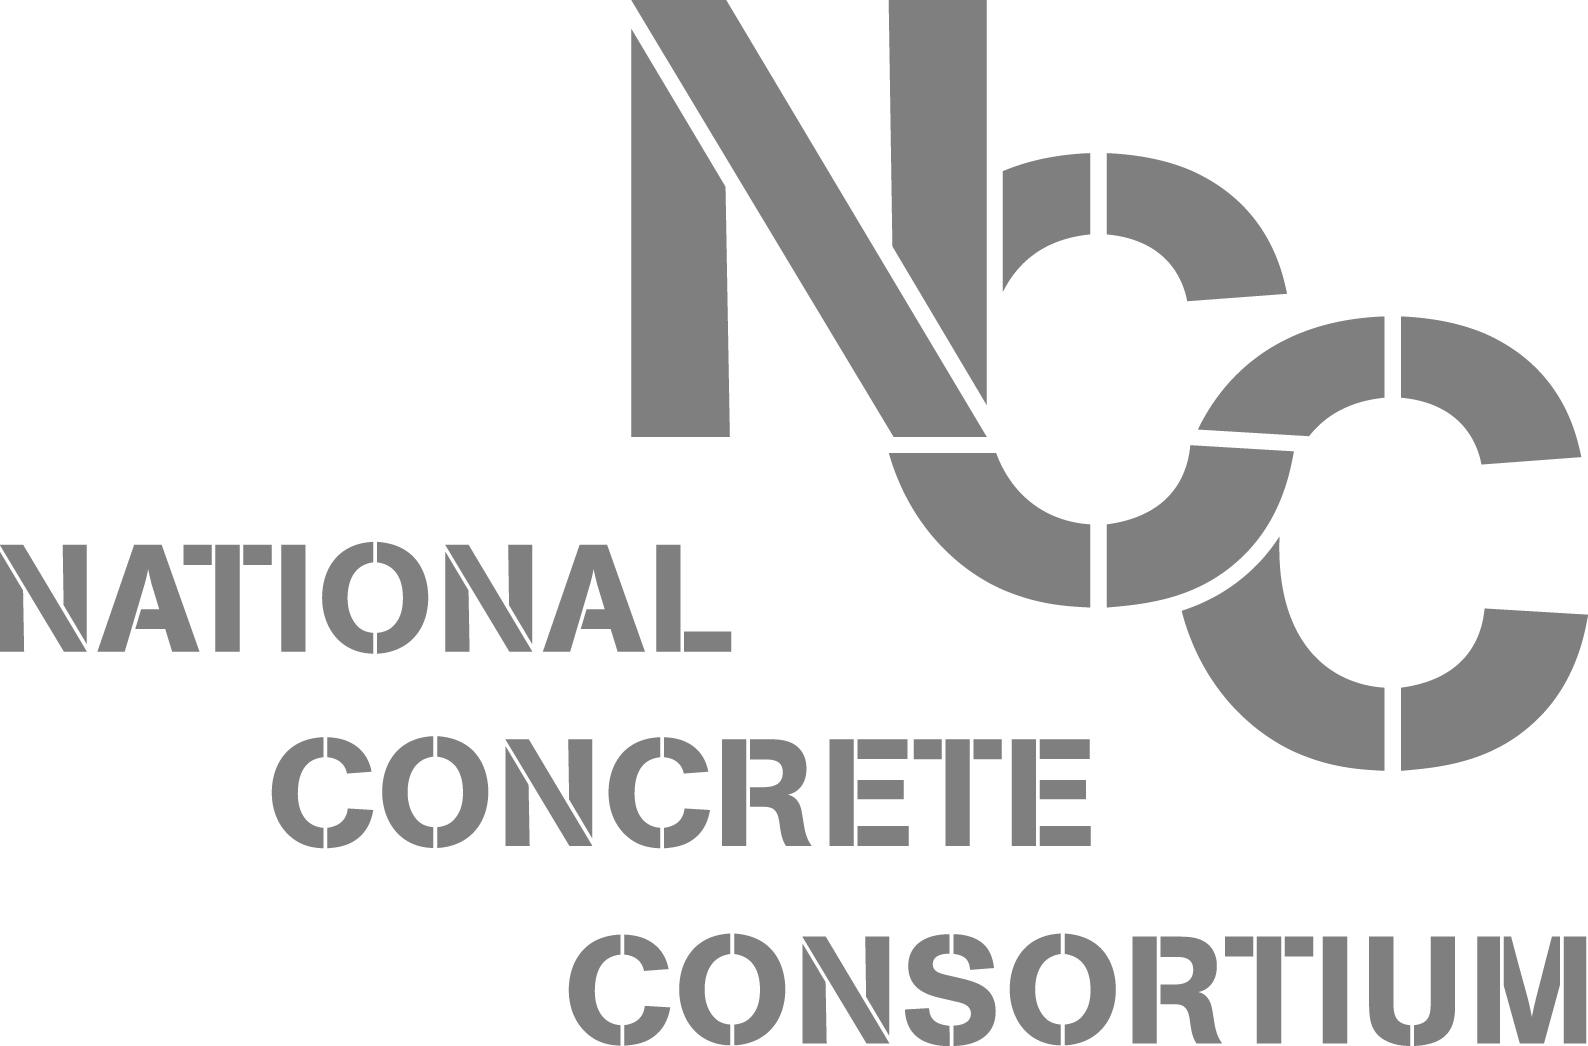 Spring National Concrete Consortium